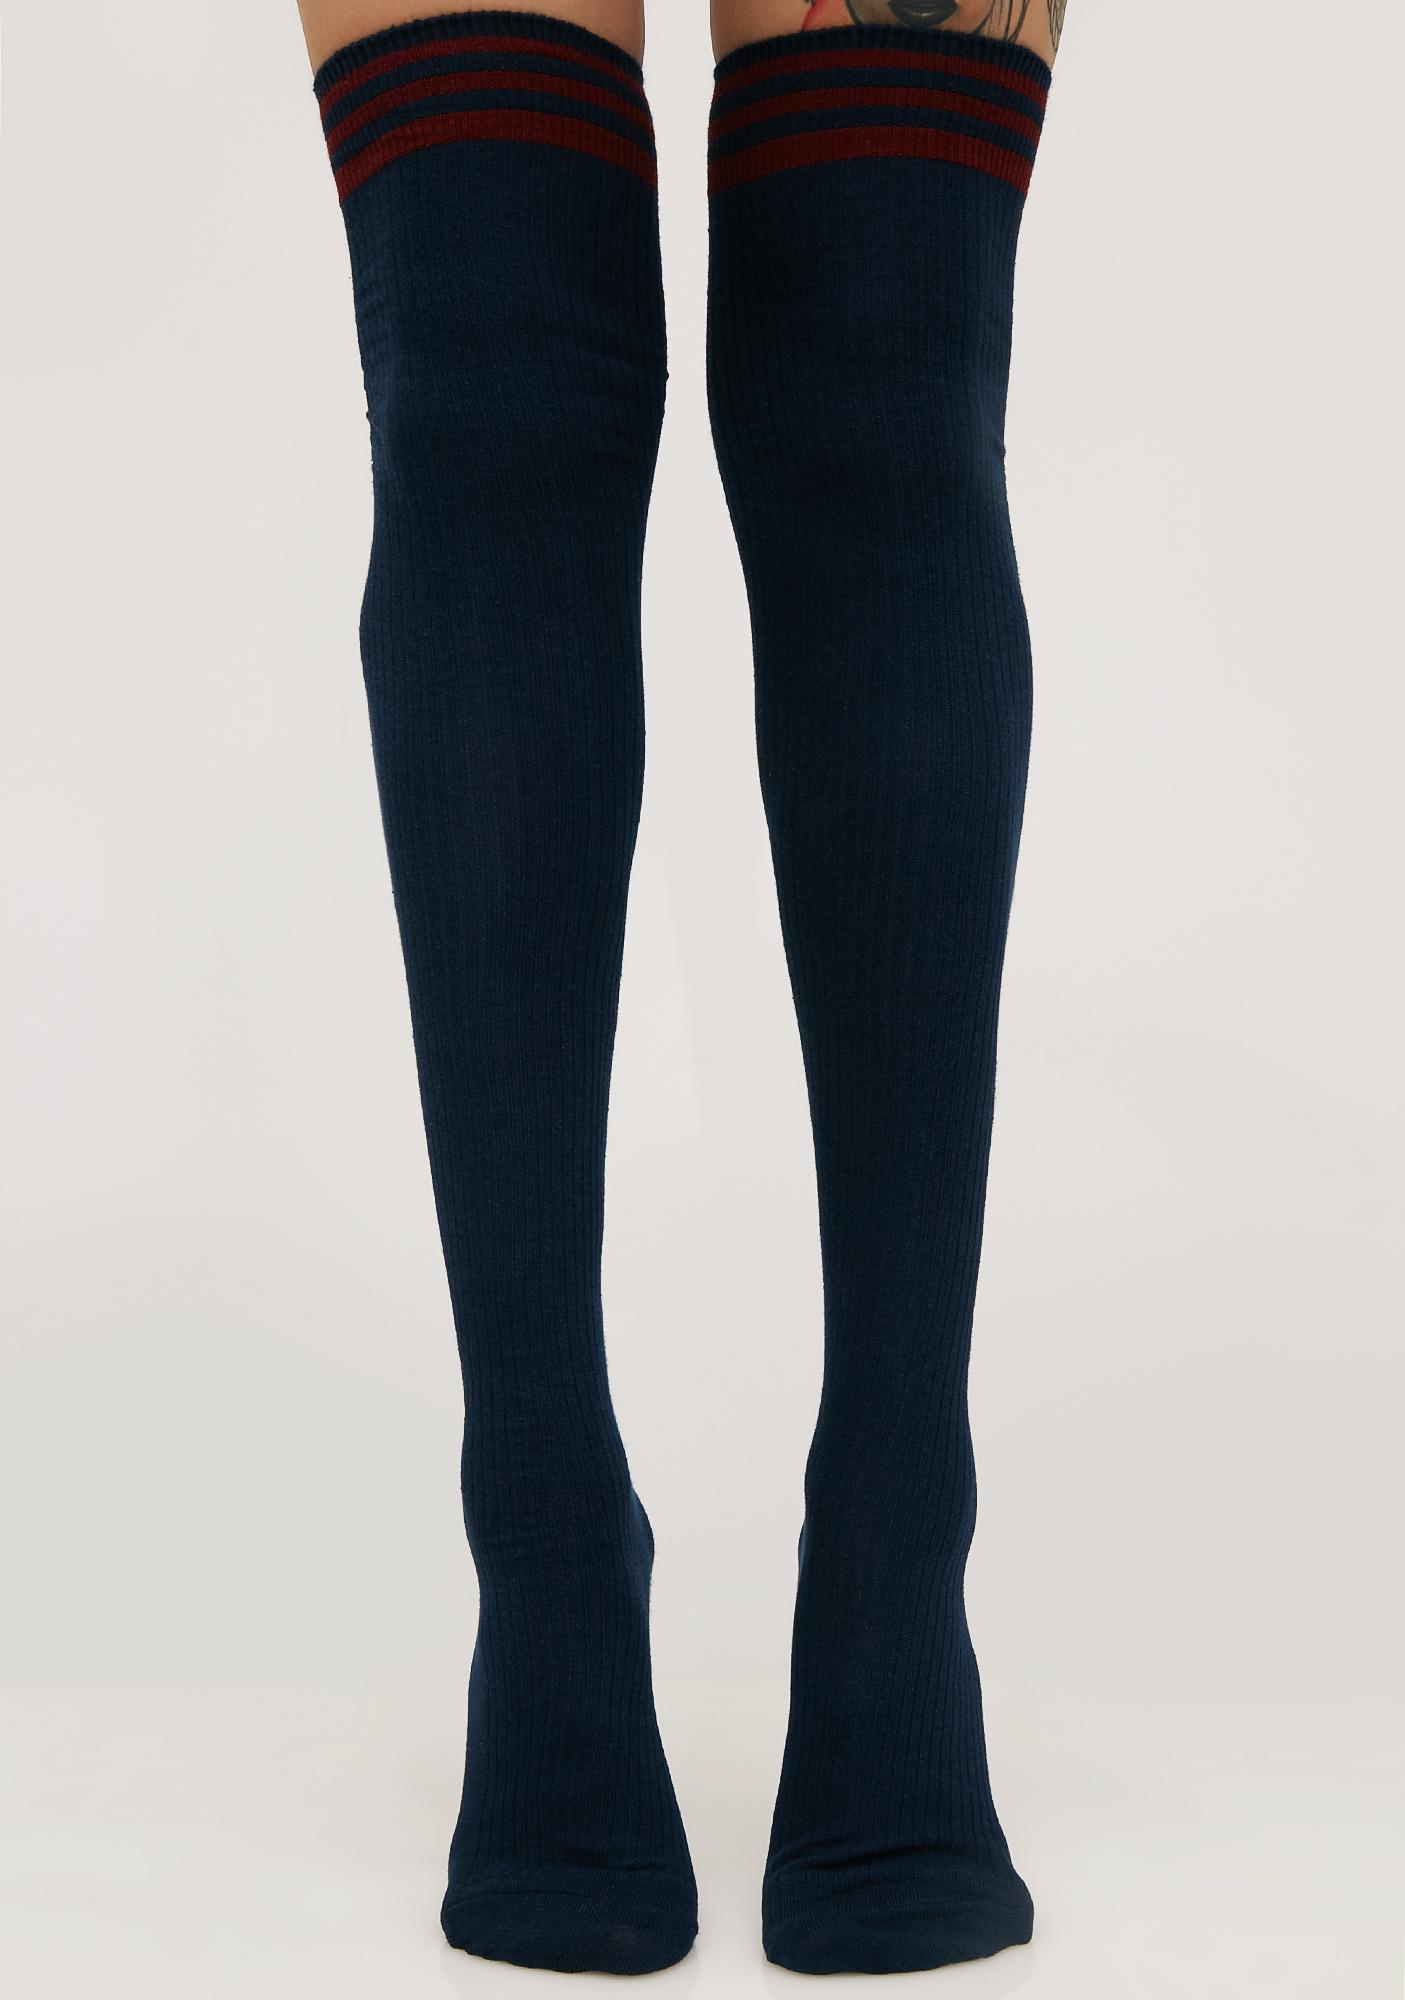 4d128cf04 Sporty Thigh High Navy Socks